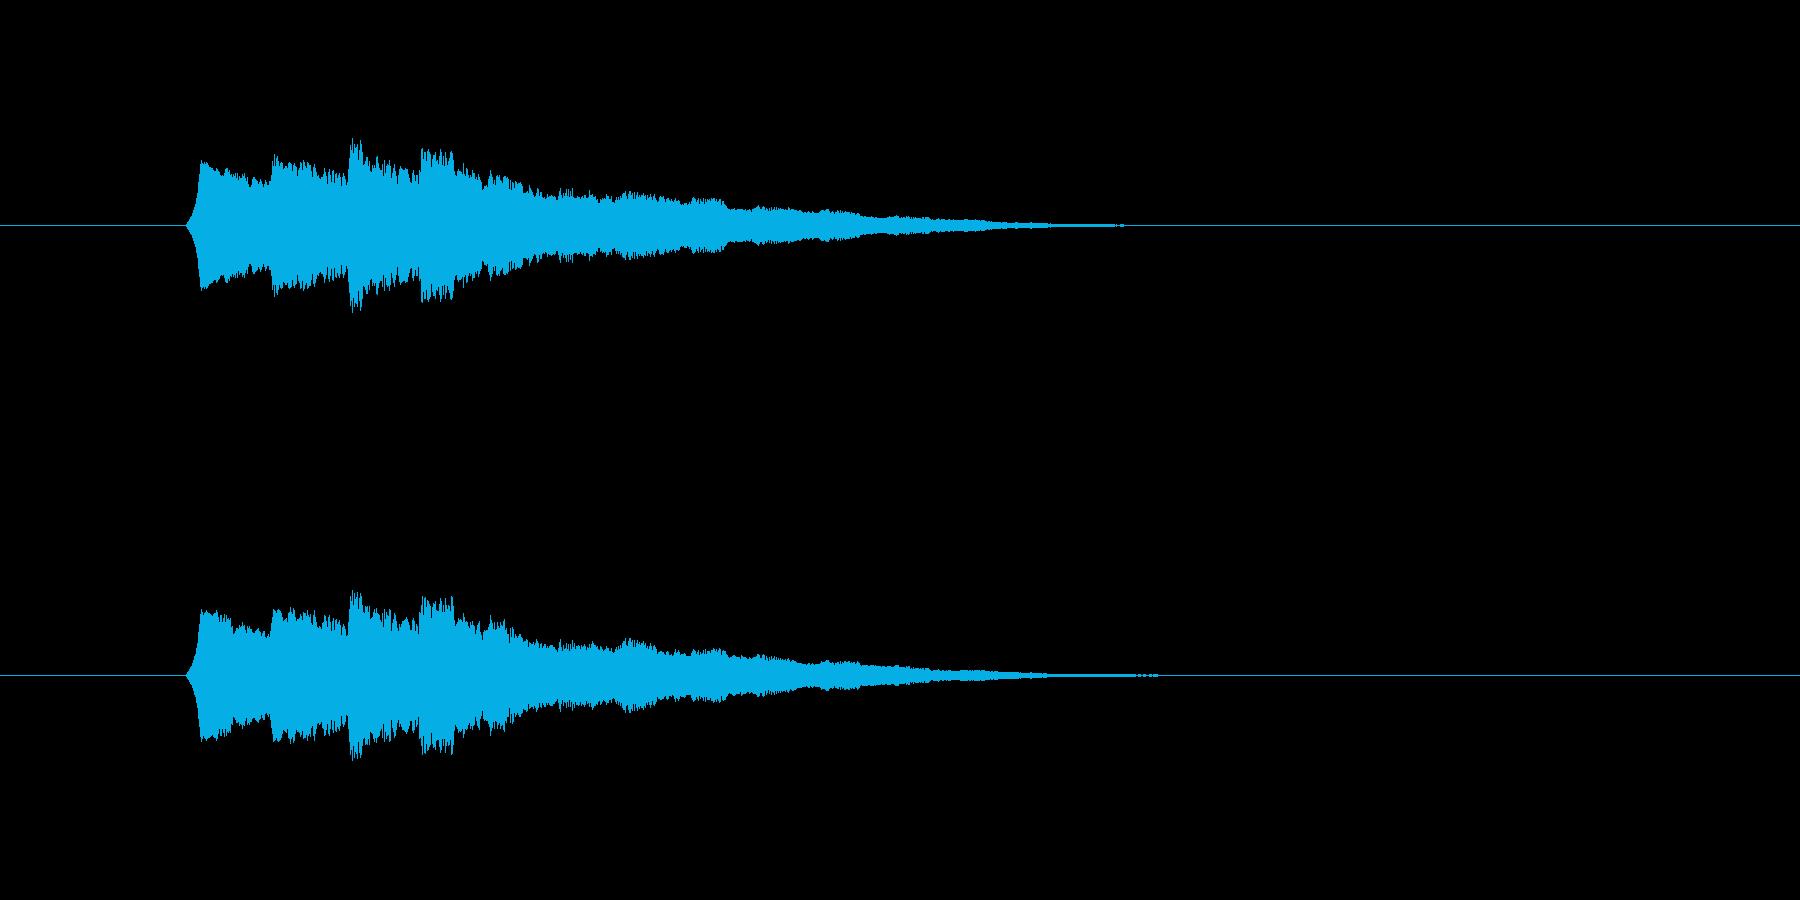 操作系SEの再生済みの波形